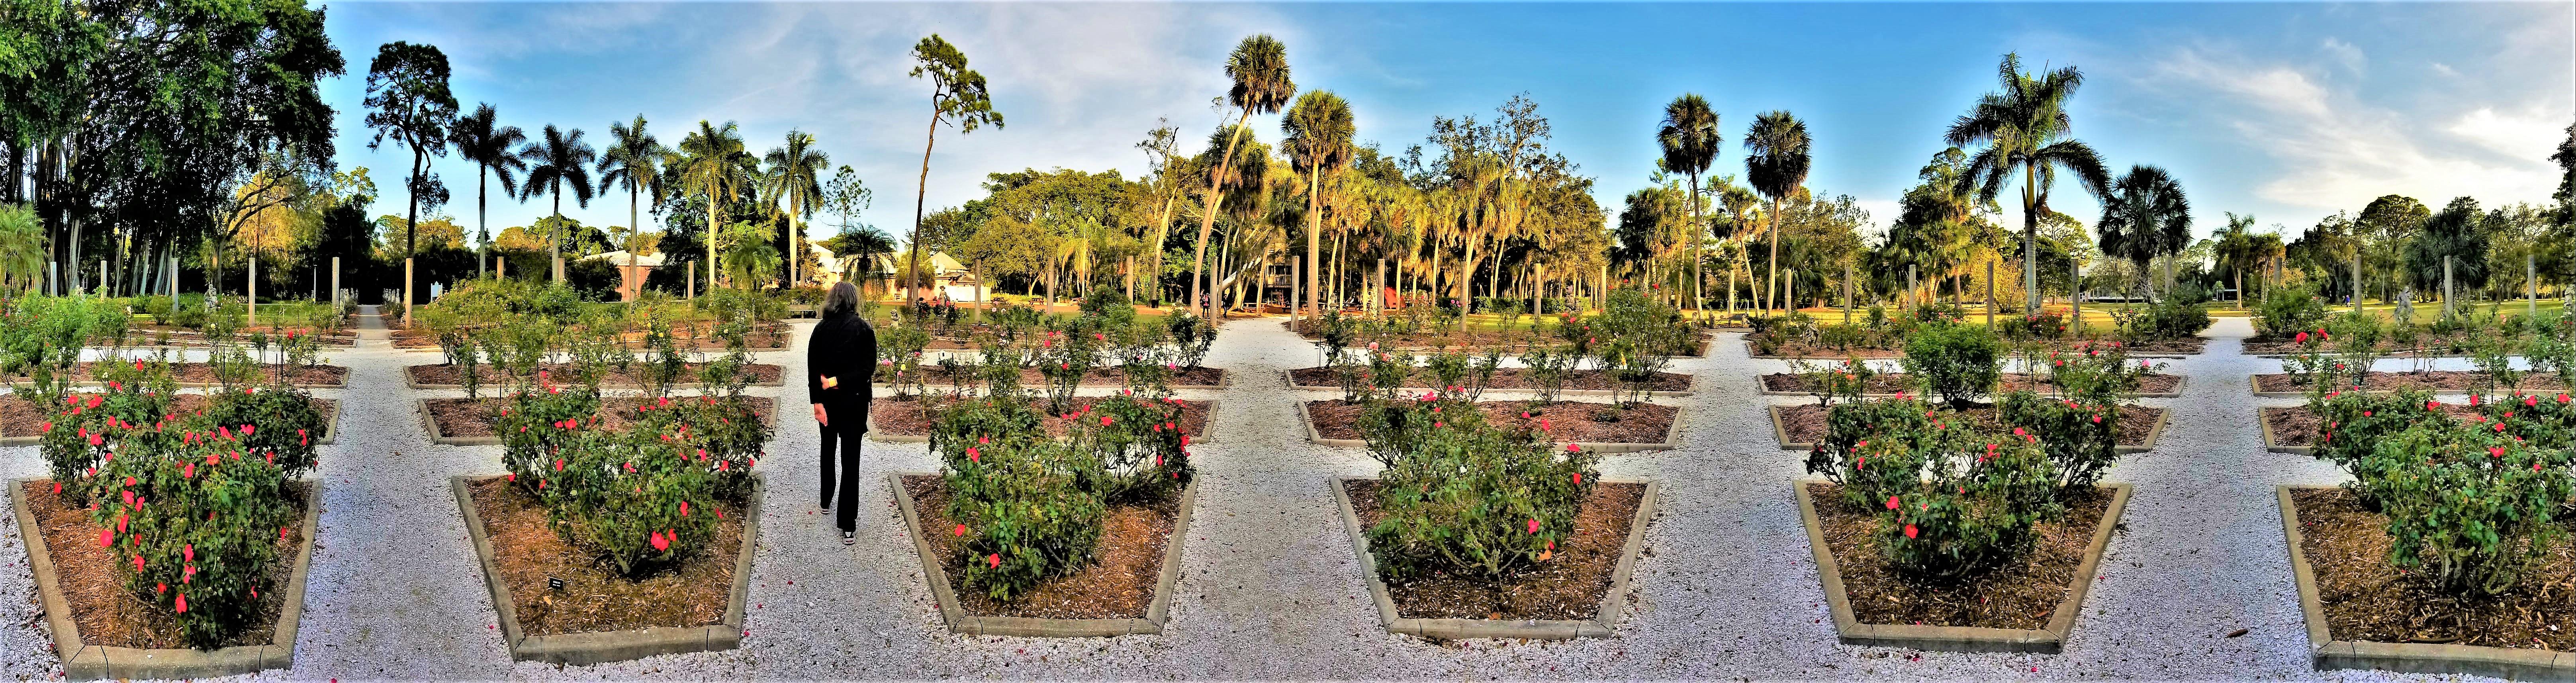 Mable's Rose Garden of Ca'd'zan, Sarasota